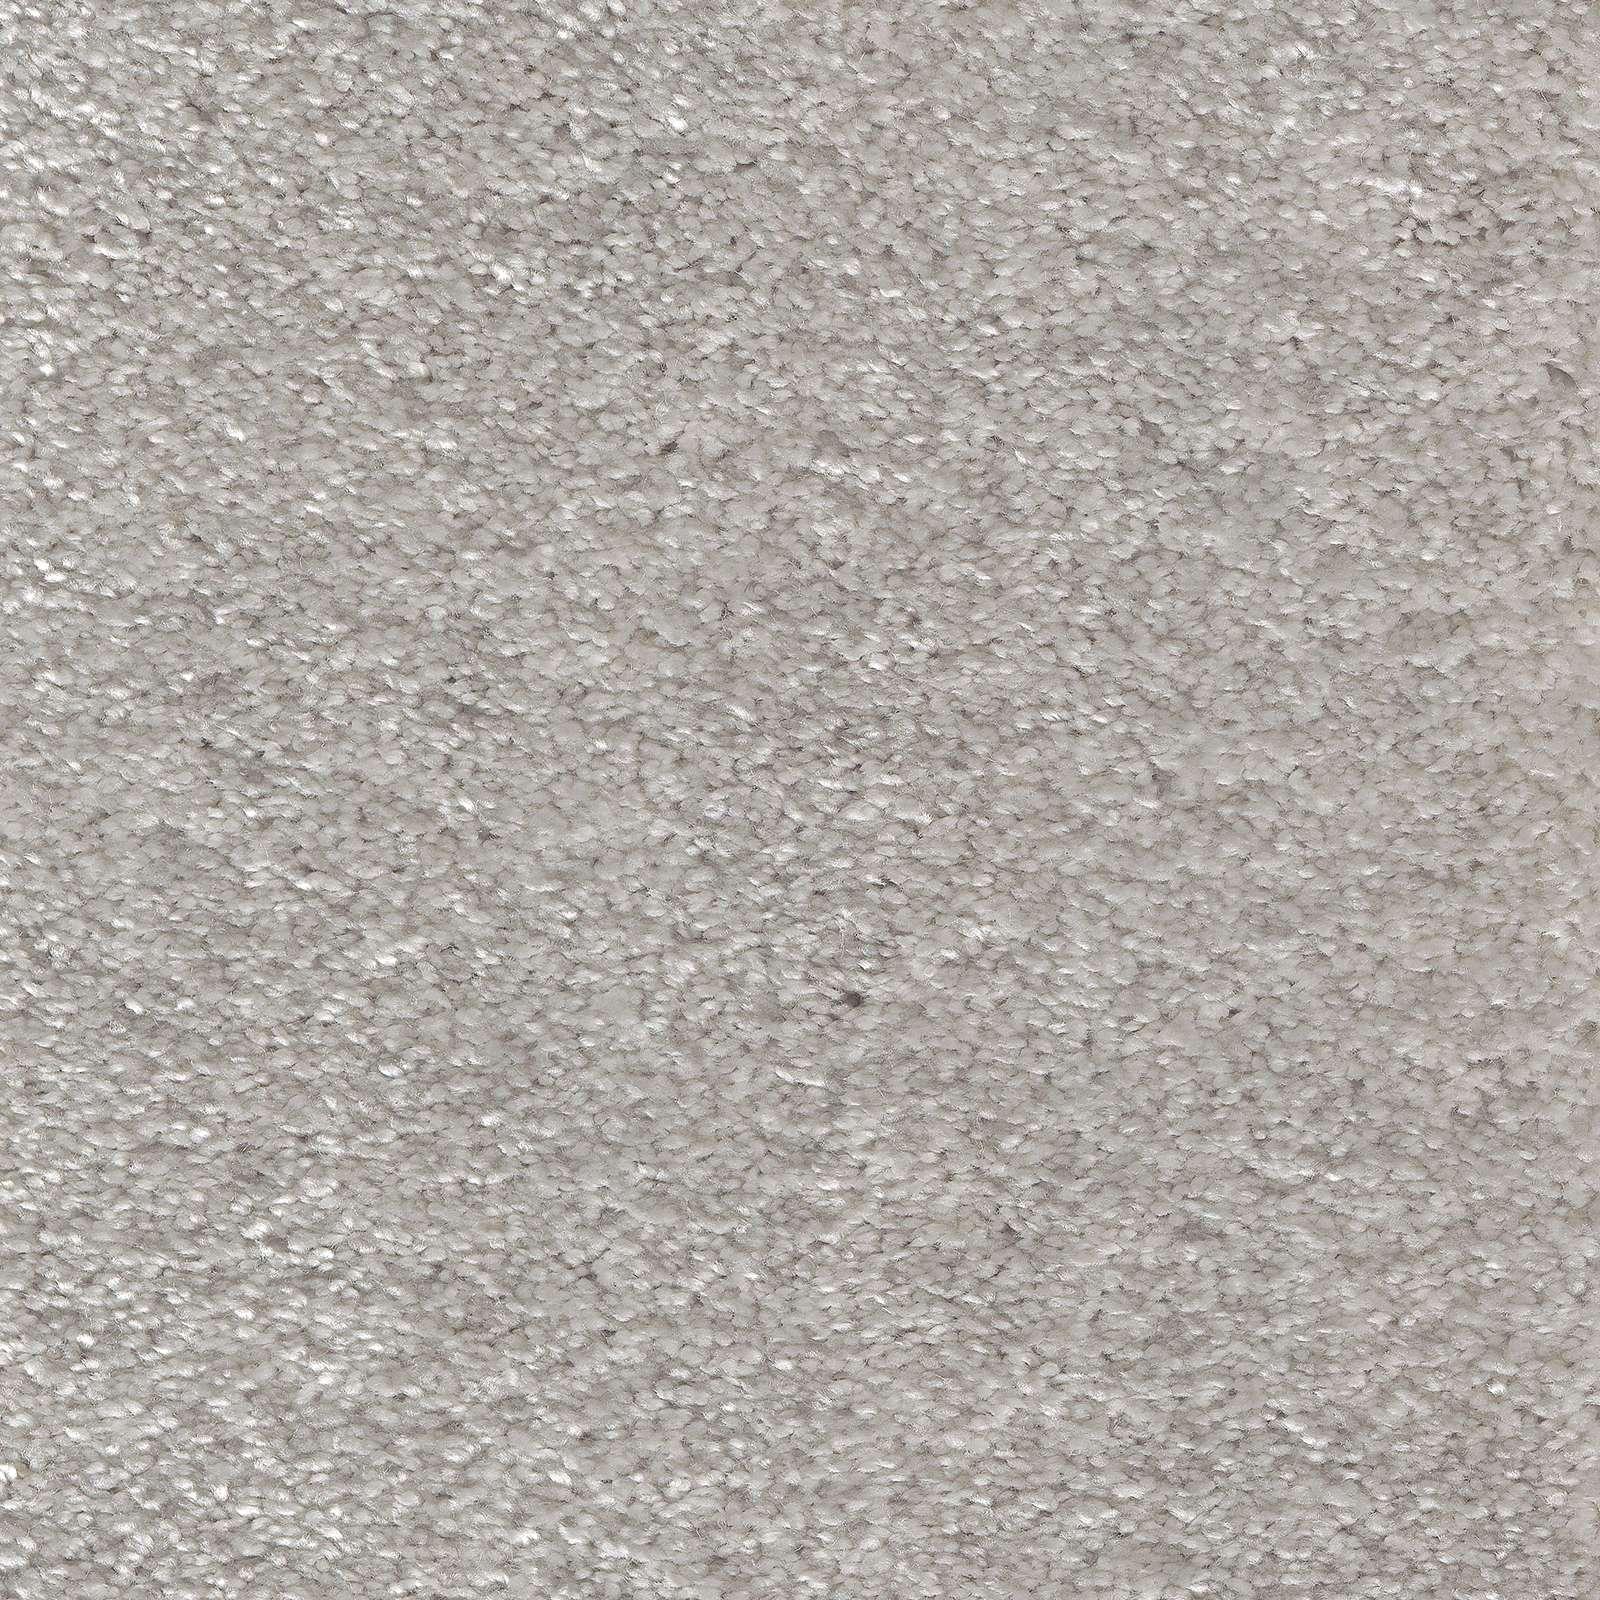 Ковровое покрытие AW Masquerade MORGANA 92 серый 5 м